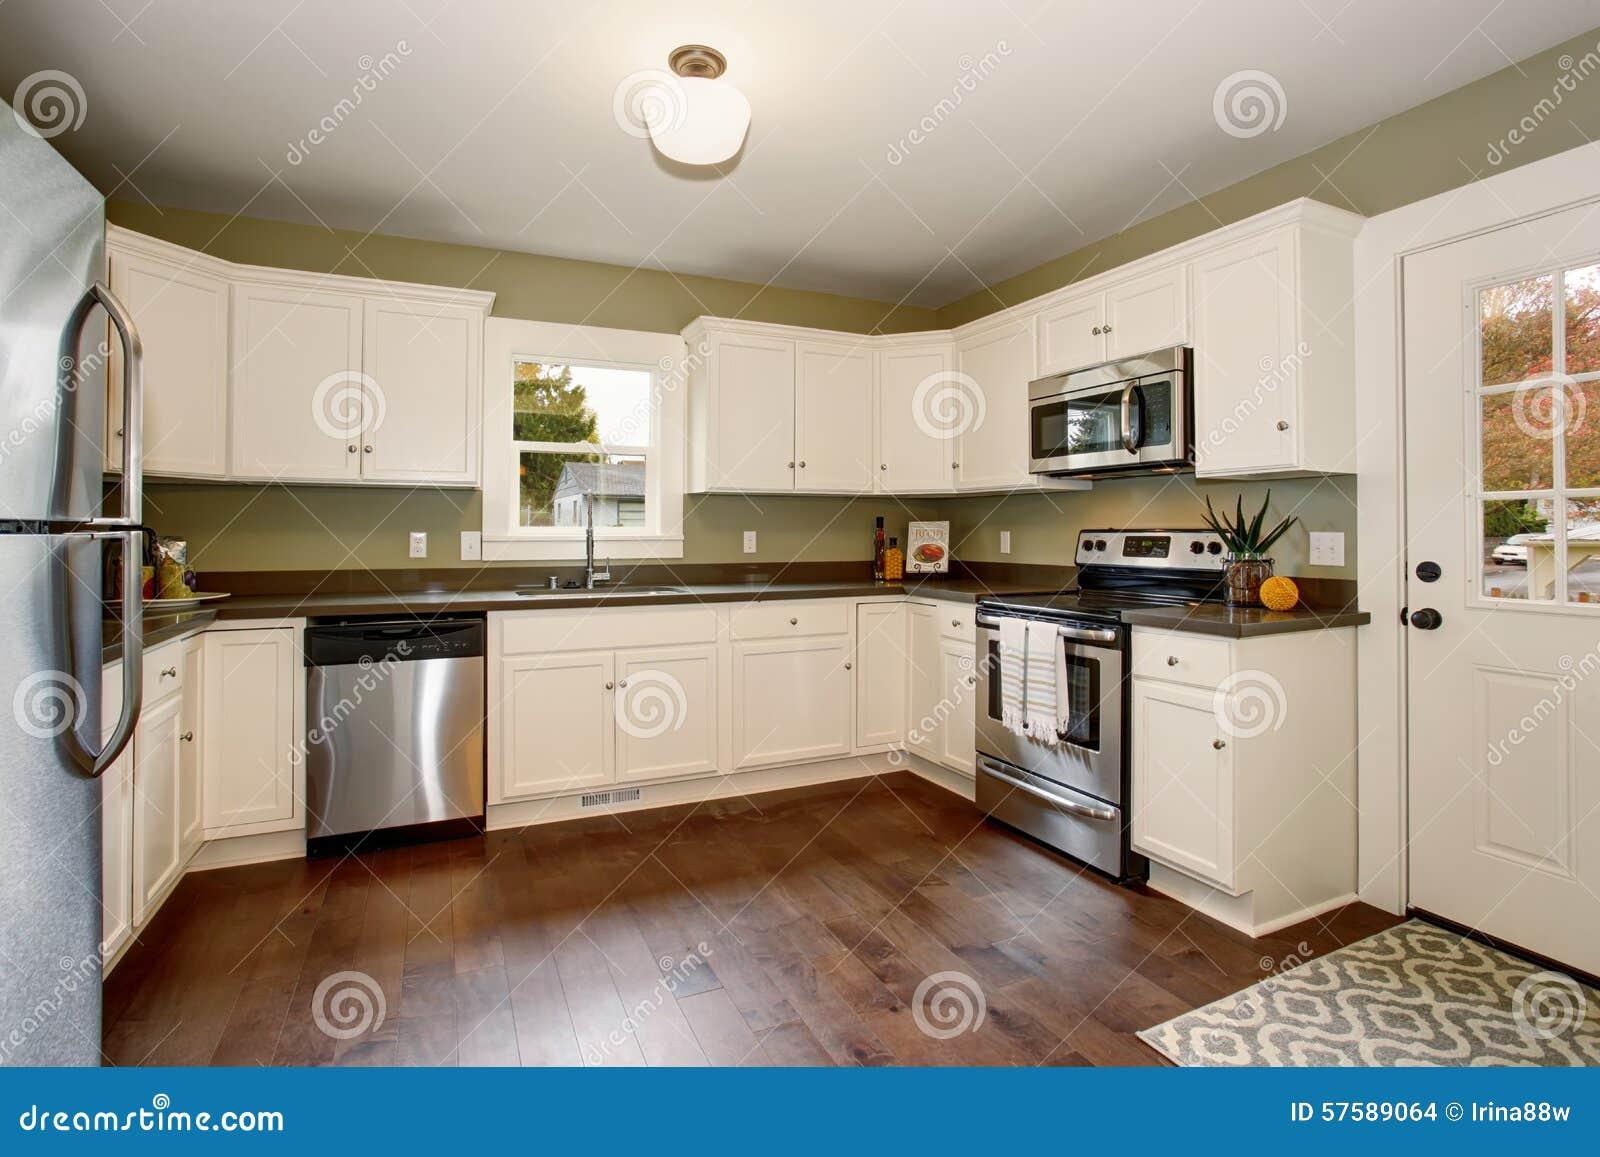 Klassieke keuken met groene binnenlandse verf en witte kabinetten stock foto afbeelding 57589064 - Verf keuken lichtgrijs ...